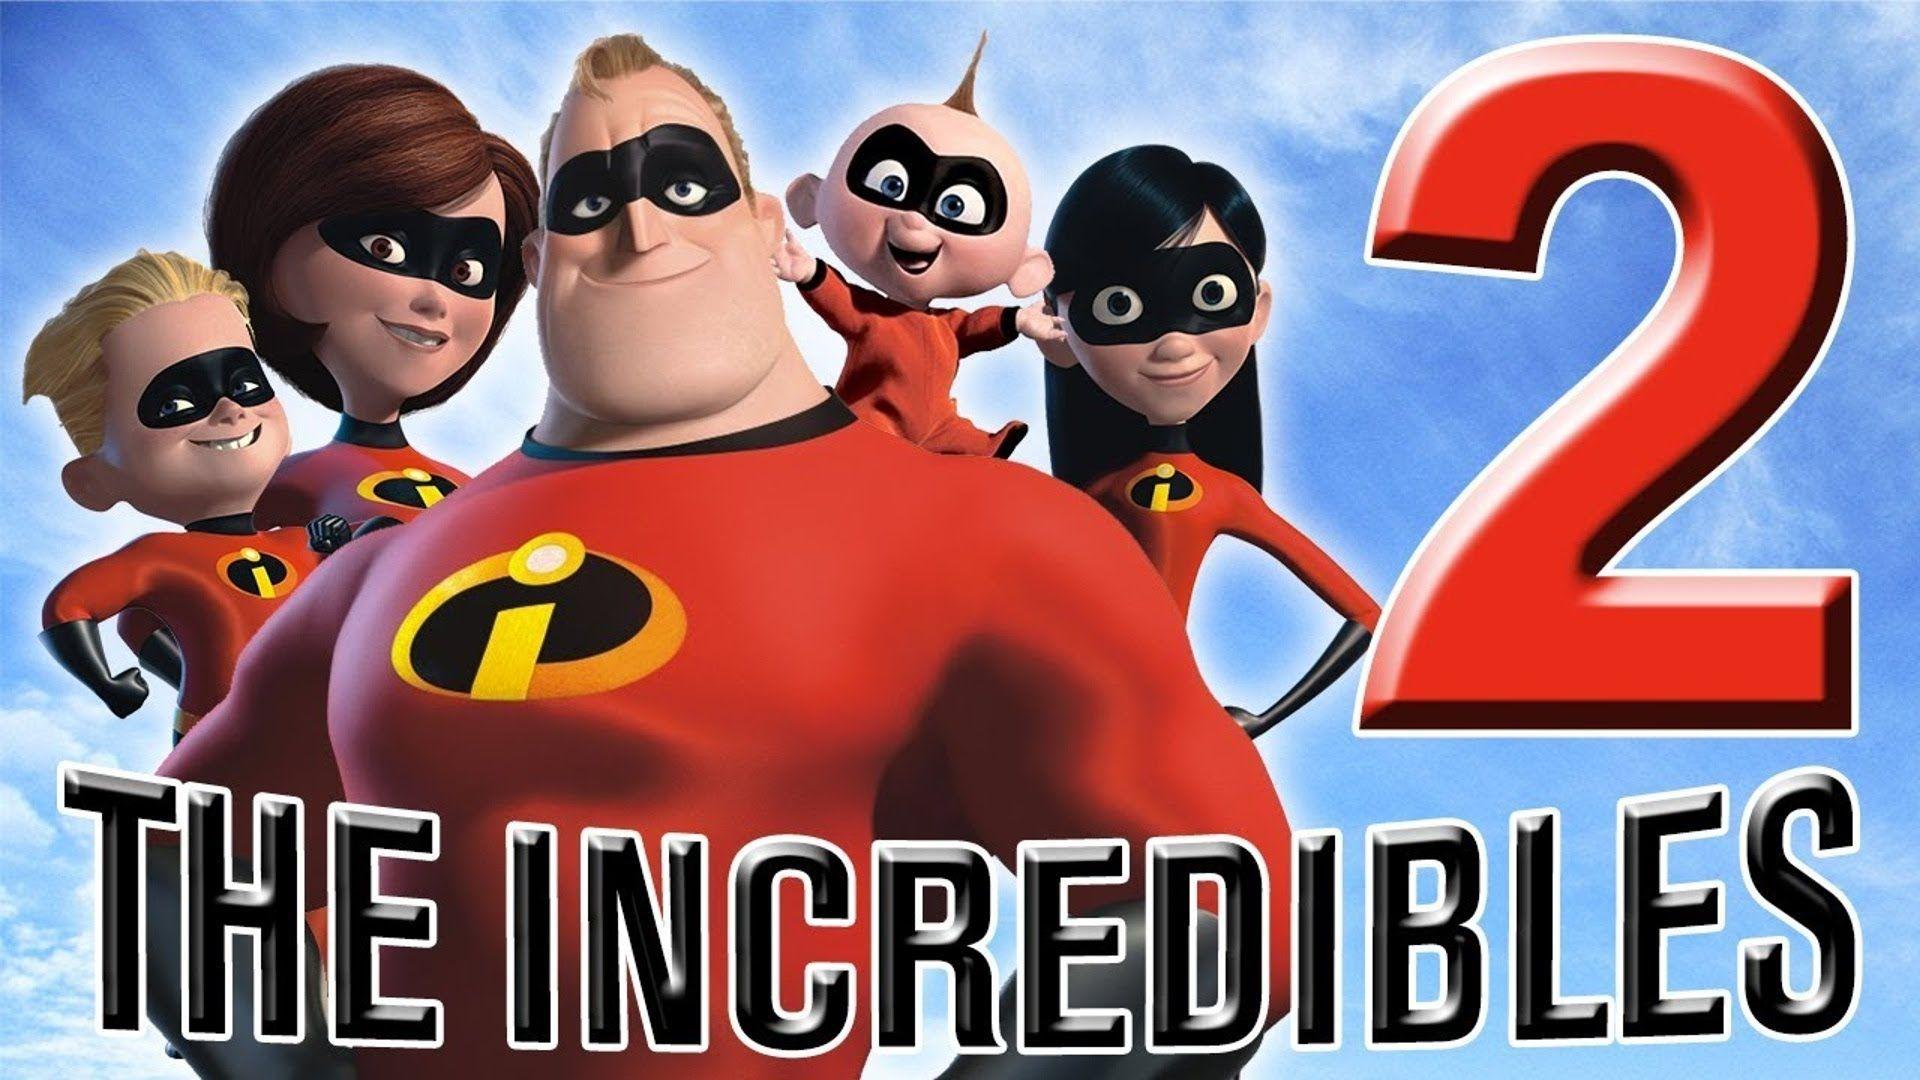 Incredibles 2 Descarga De Pelicula Completa En Hindi Doblada Te Lo Recomiendo Aqui Puedes Ver La P Peliculas Infantiles En Espanol El Nino Pelicula Peliculas